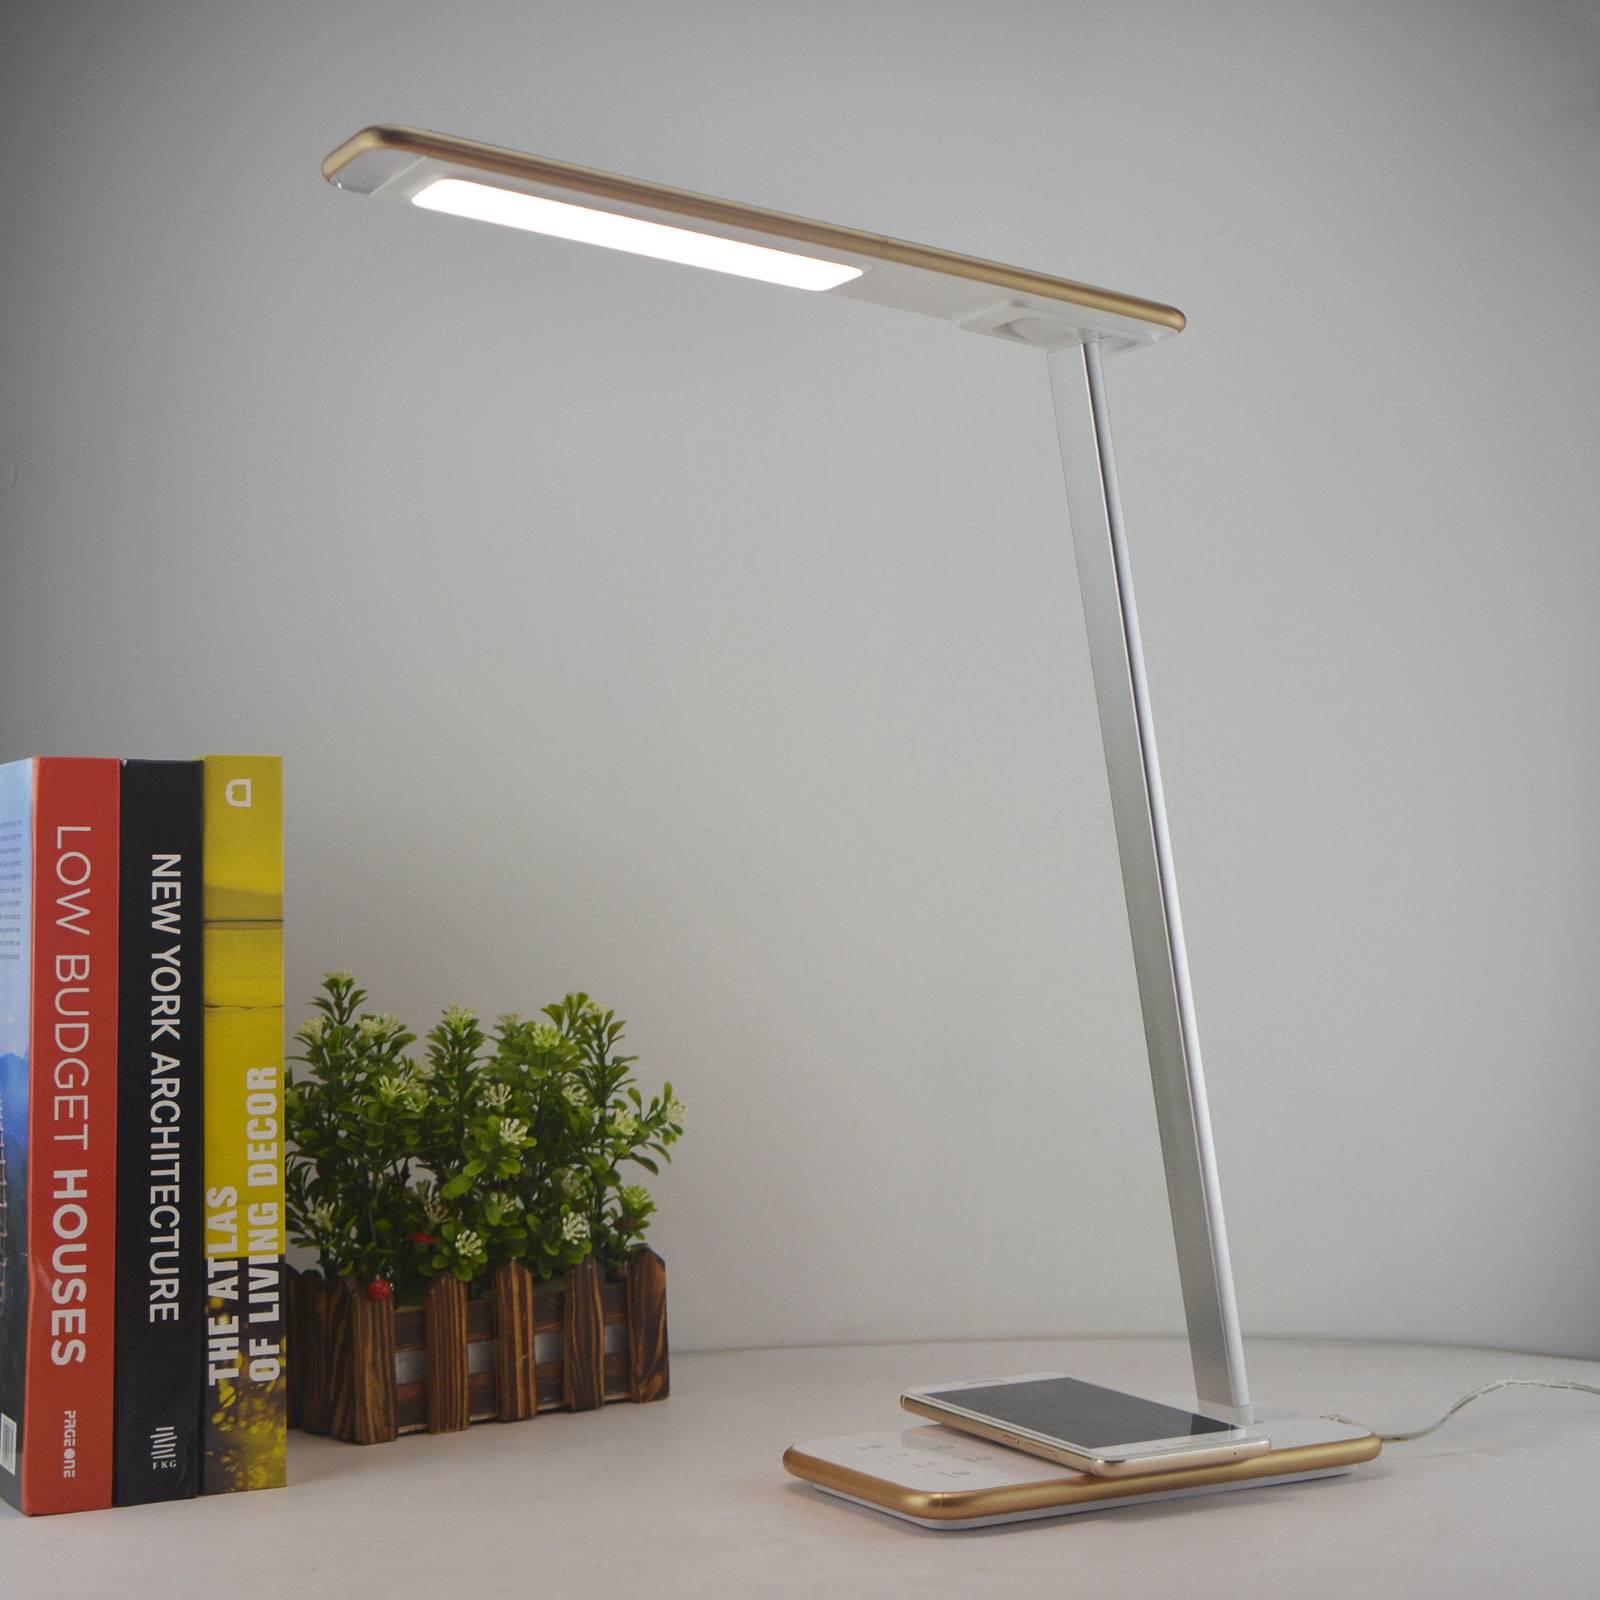 Lampe de bureau LED Orbit avec induction, dorée